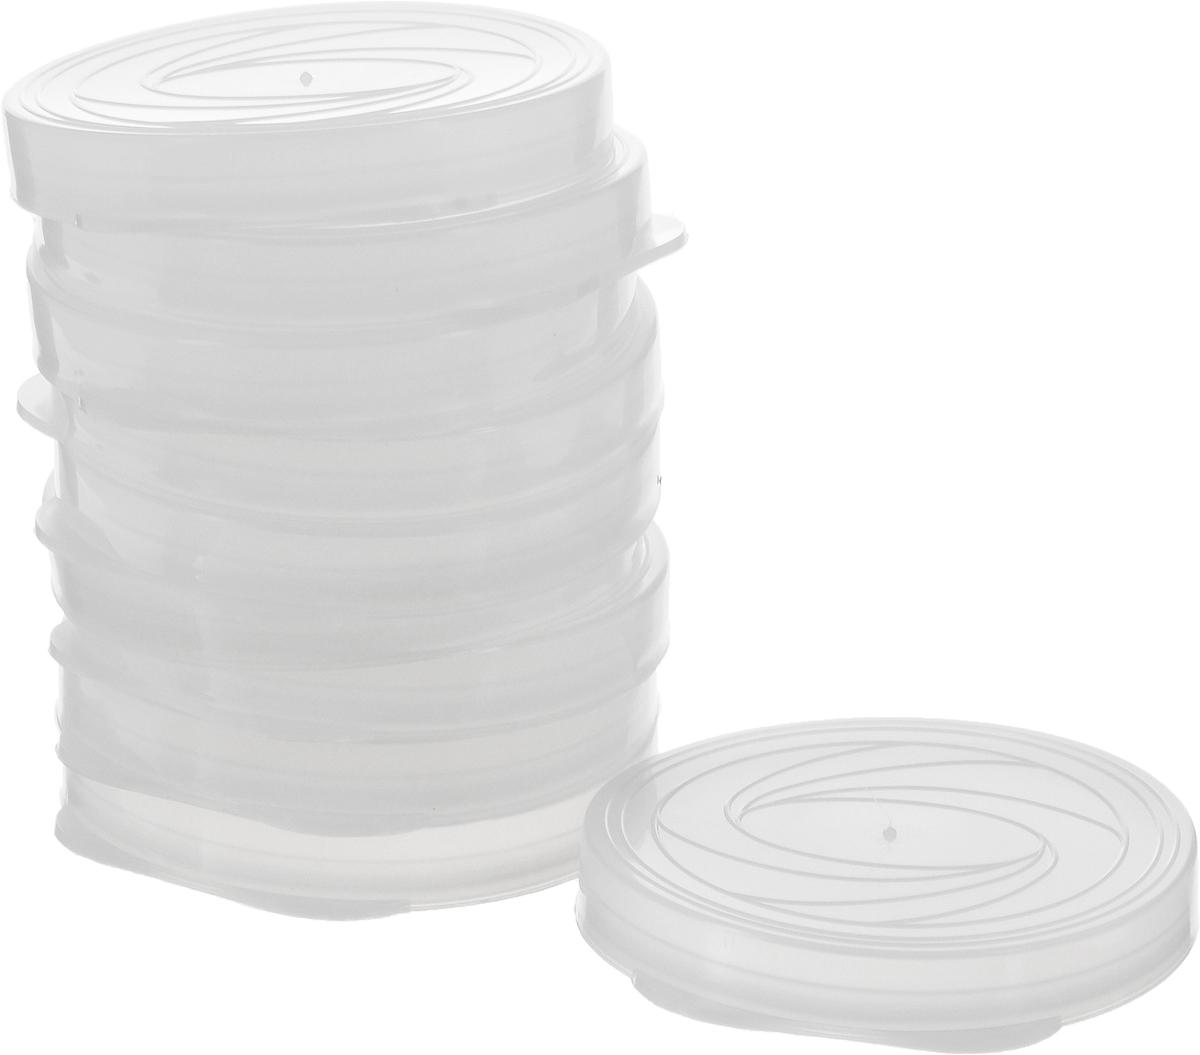 Набор крышек Plastic Centre Galaxy, цвет: белый, диаметр 8 см, 10 шт68/5/4Набор Plastic Centre Galaxy состоит из 10 крышек, выполненных из высококачественного полиэтилена. Плотные крышки прекрасно закрывают стеклянные банки. Такие крышки пригодятся каждой хозяйке на кухне. Диаметр крышки: 8 см. Высота крышки: 1,2 см.